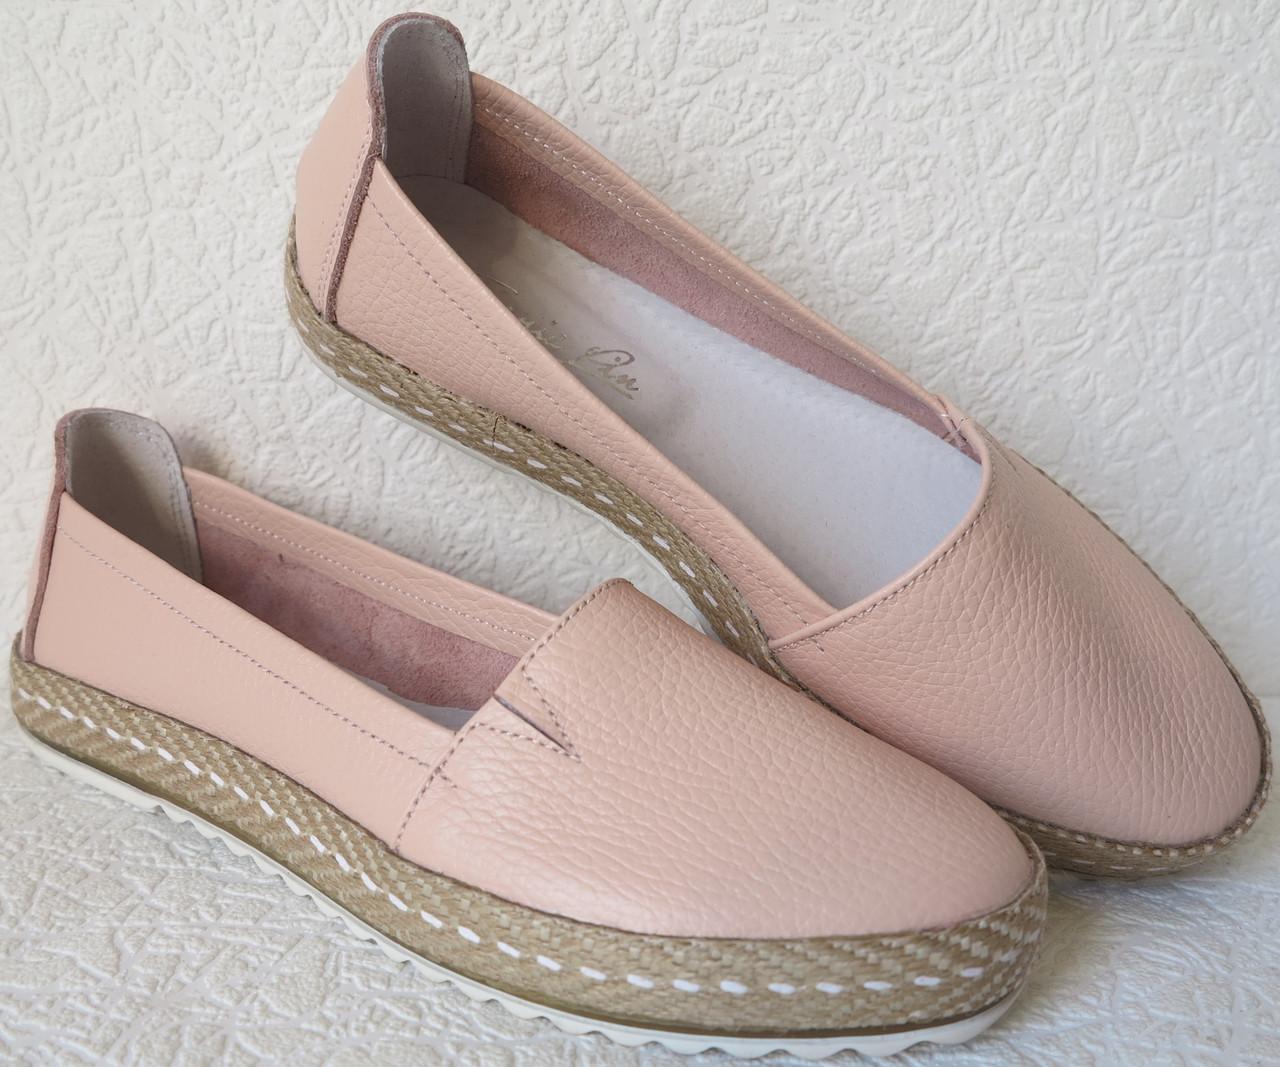 124061400 Кожаные слипоны для девочек и девушек мокасины туфли универсальные цвет  пудра